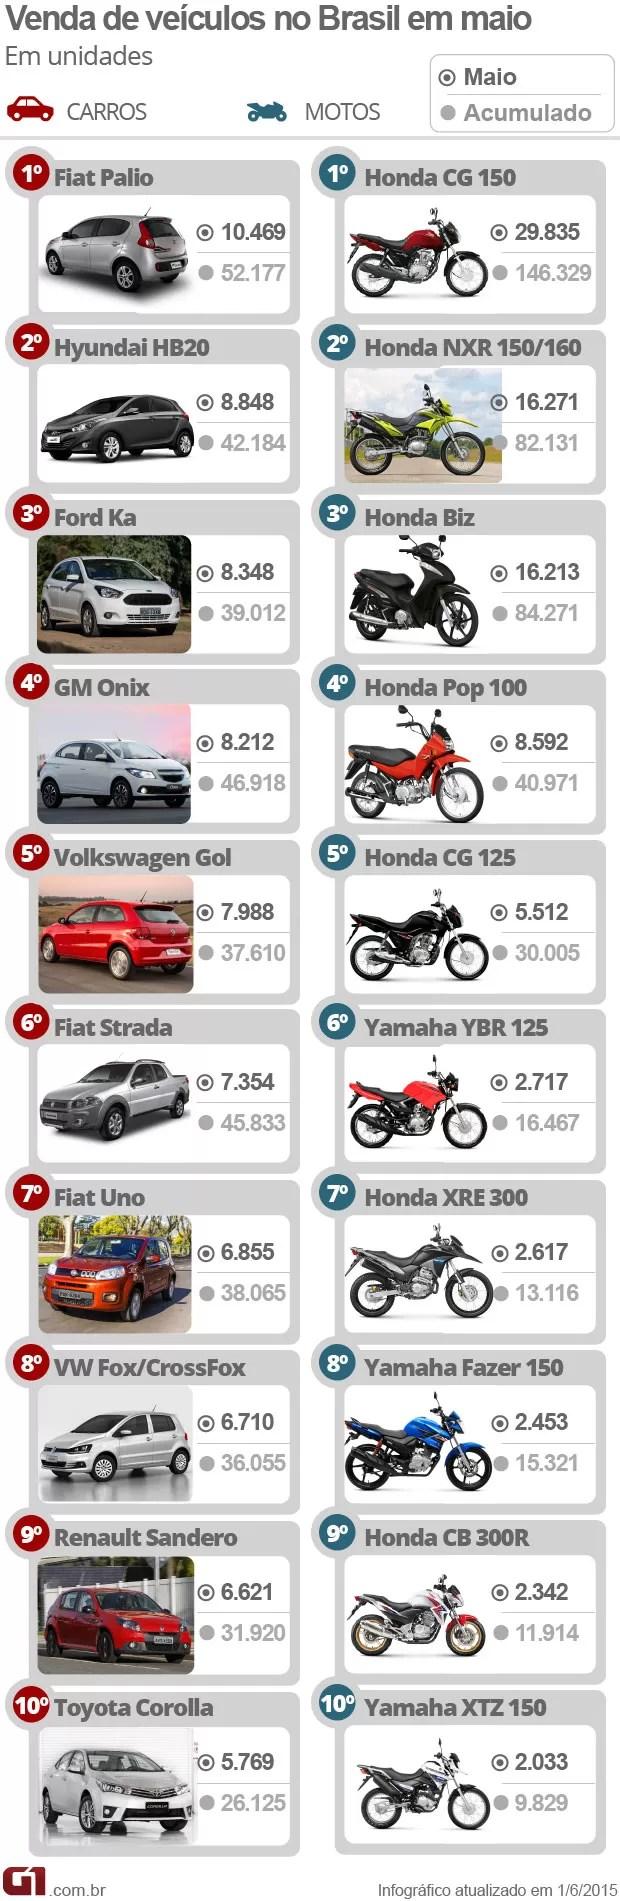 maisvendidosmaio - Veja 10 carros e 10 motos mais vendidos em maio de 2015